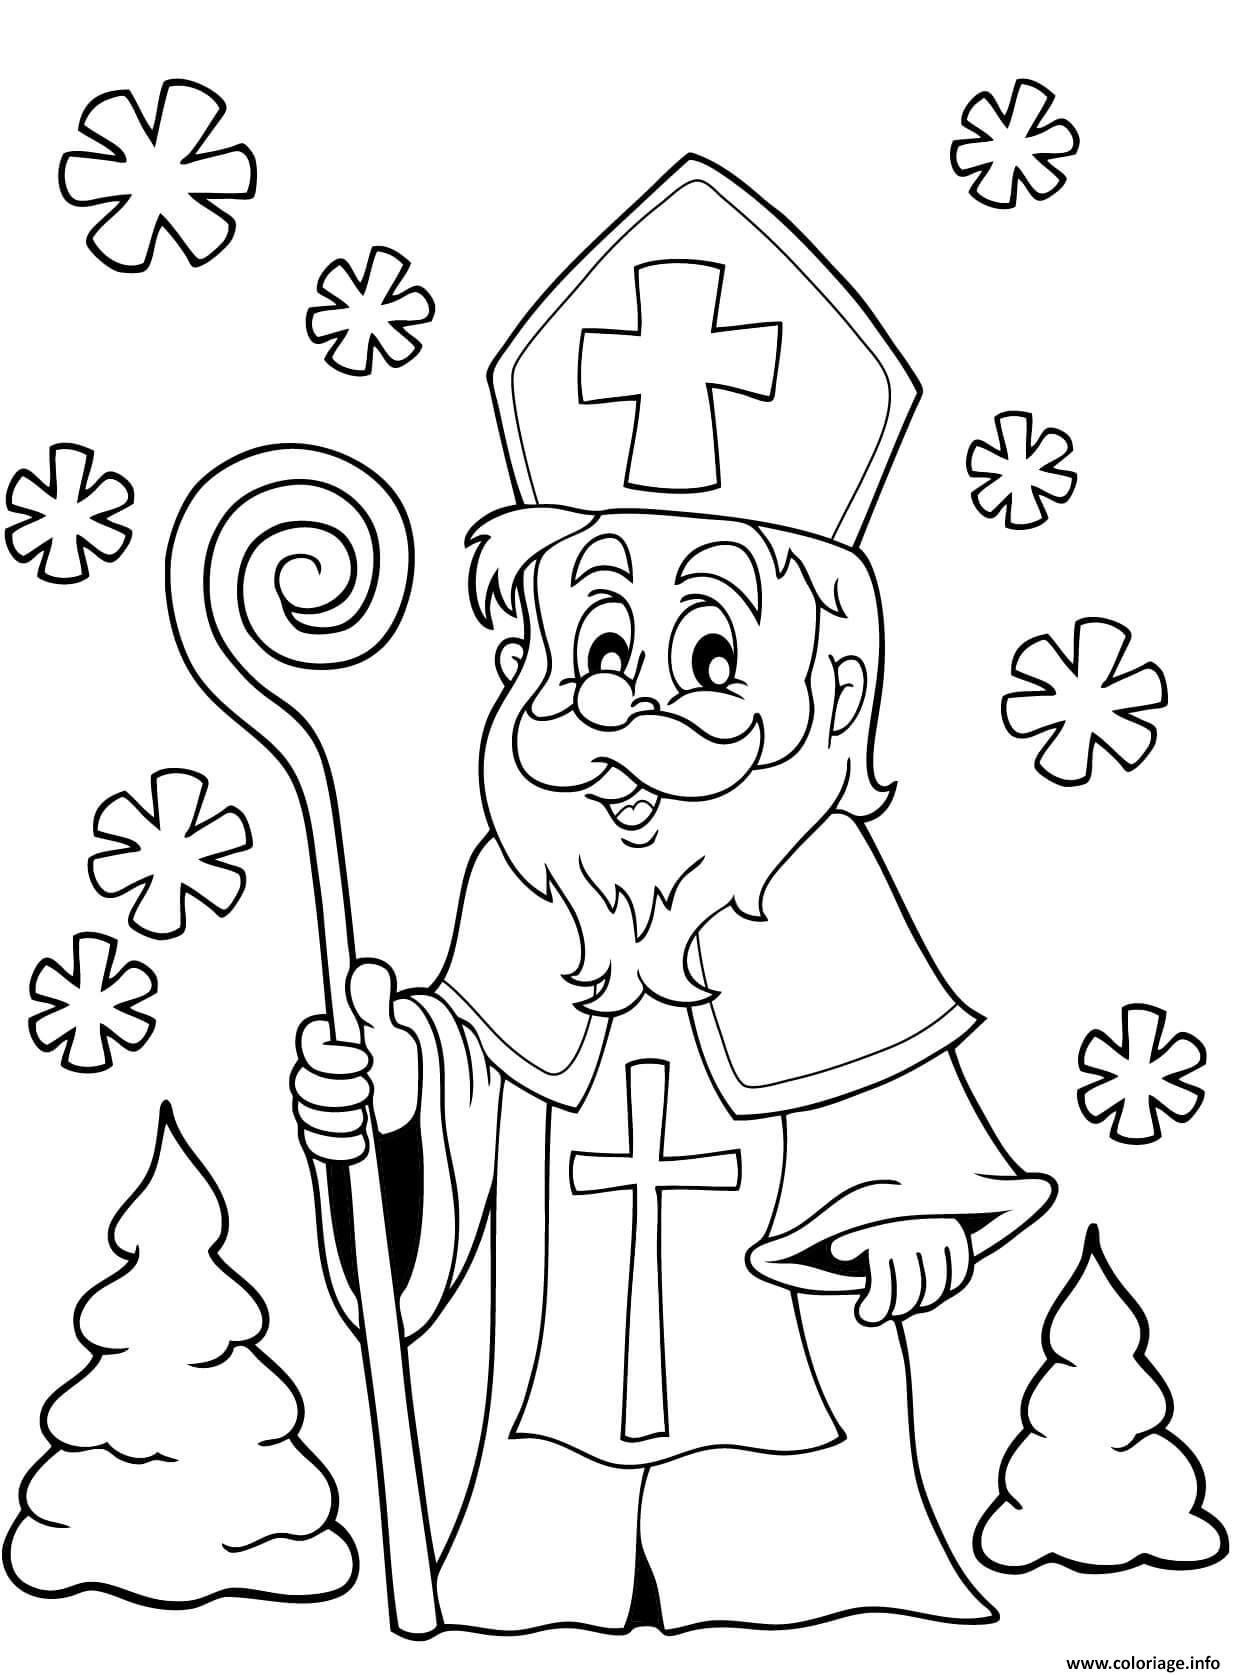 Dessin saint nicolas tradition noel Coloriage Gratuit à Imprimer